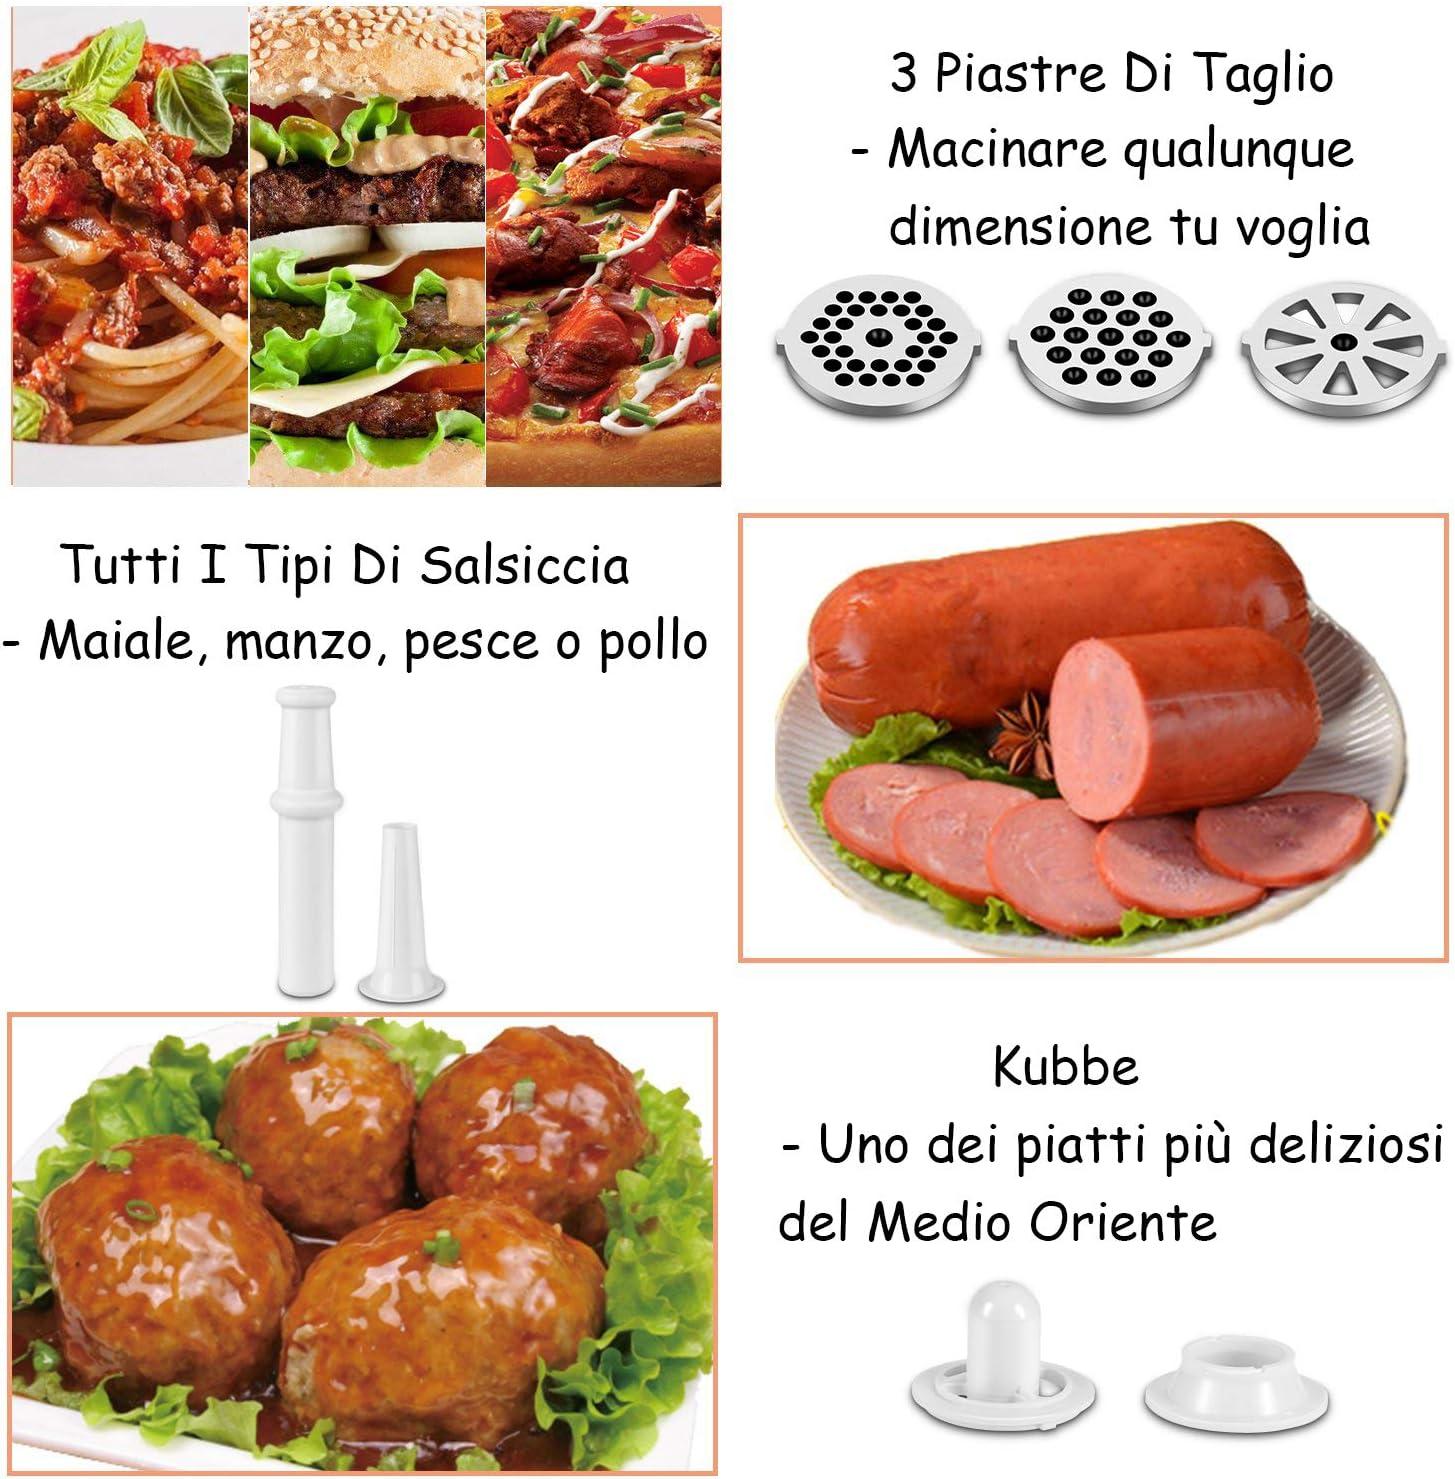 Nestling/® Tritacarne Elettrico 3 Diverso accessori per il taglio,attacco per salsiccia e kubbe,Tritacarne per carne 400W Acciaio Inox per macinazione rapida Grigio